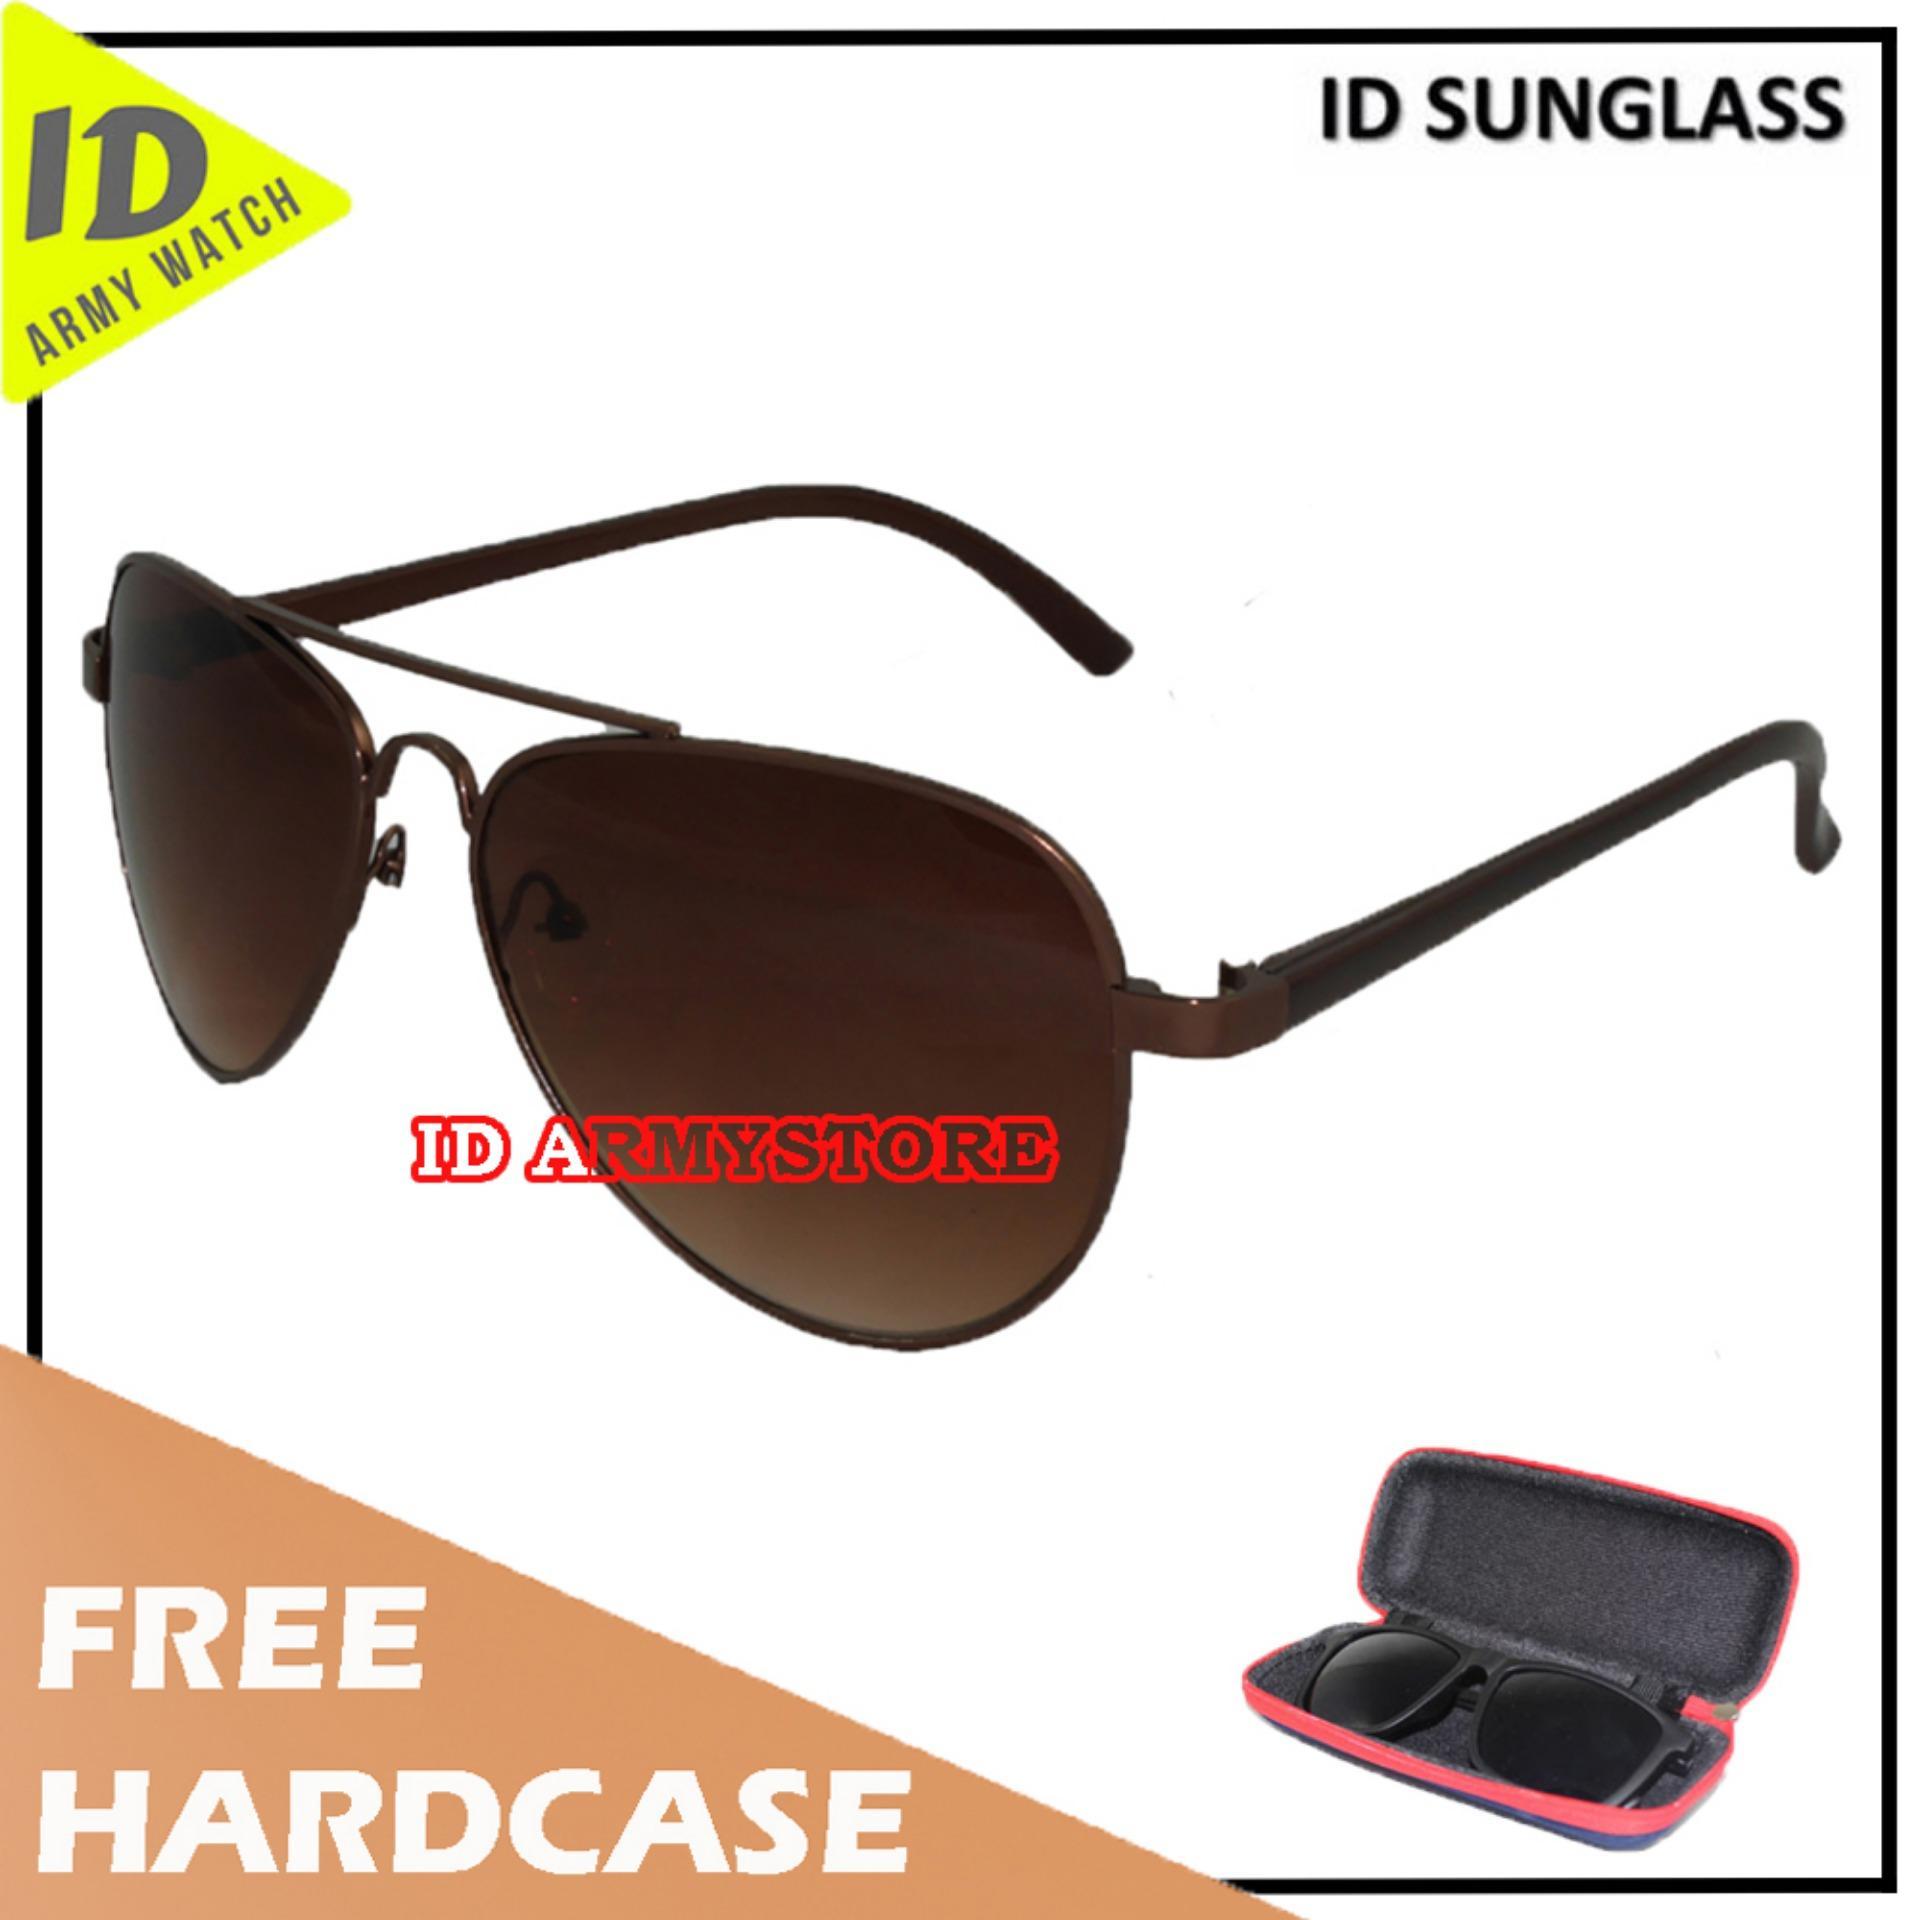 ID Sunglass - Kacamata Aviat Pria Wanita - Frame Coklat - Lensa Coklat SUN 1003-03